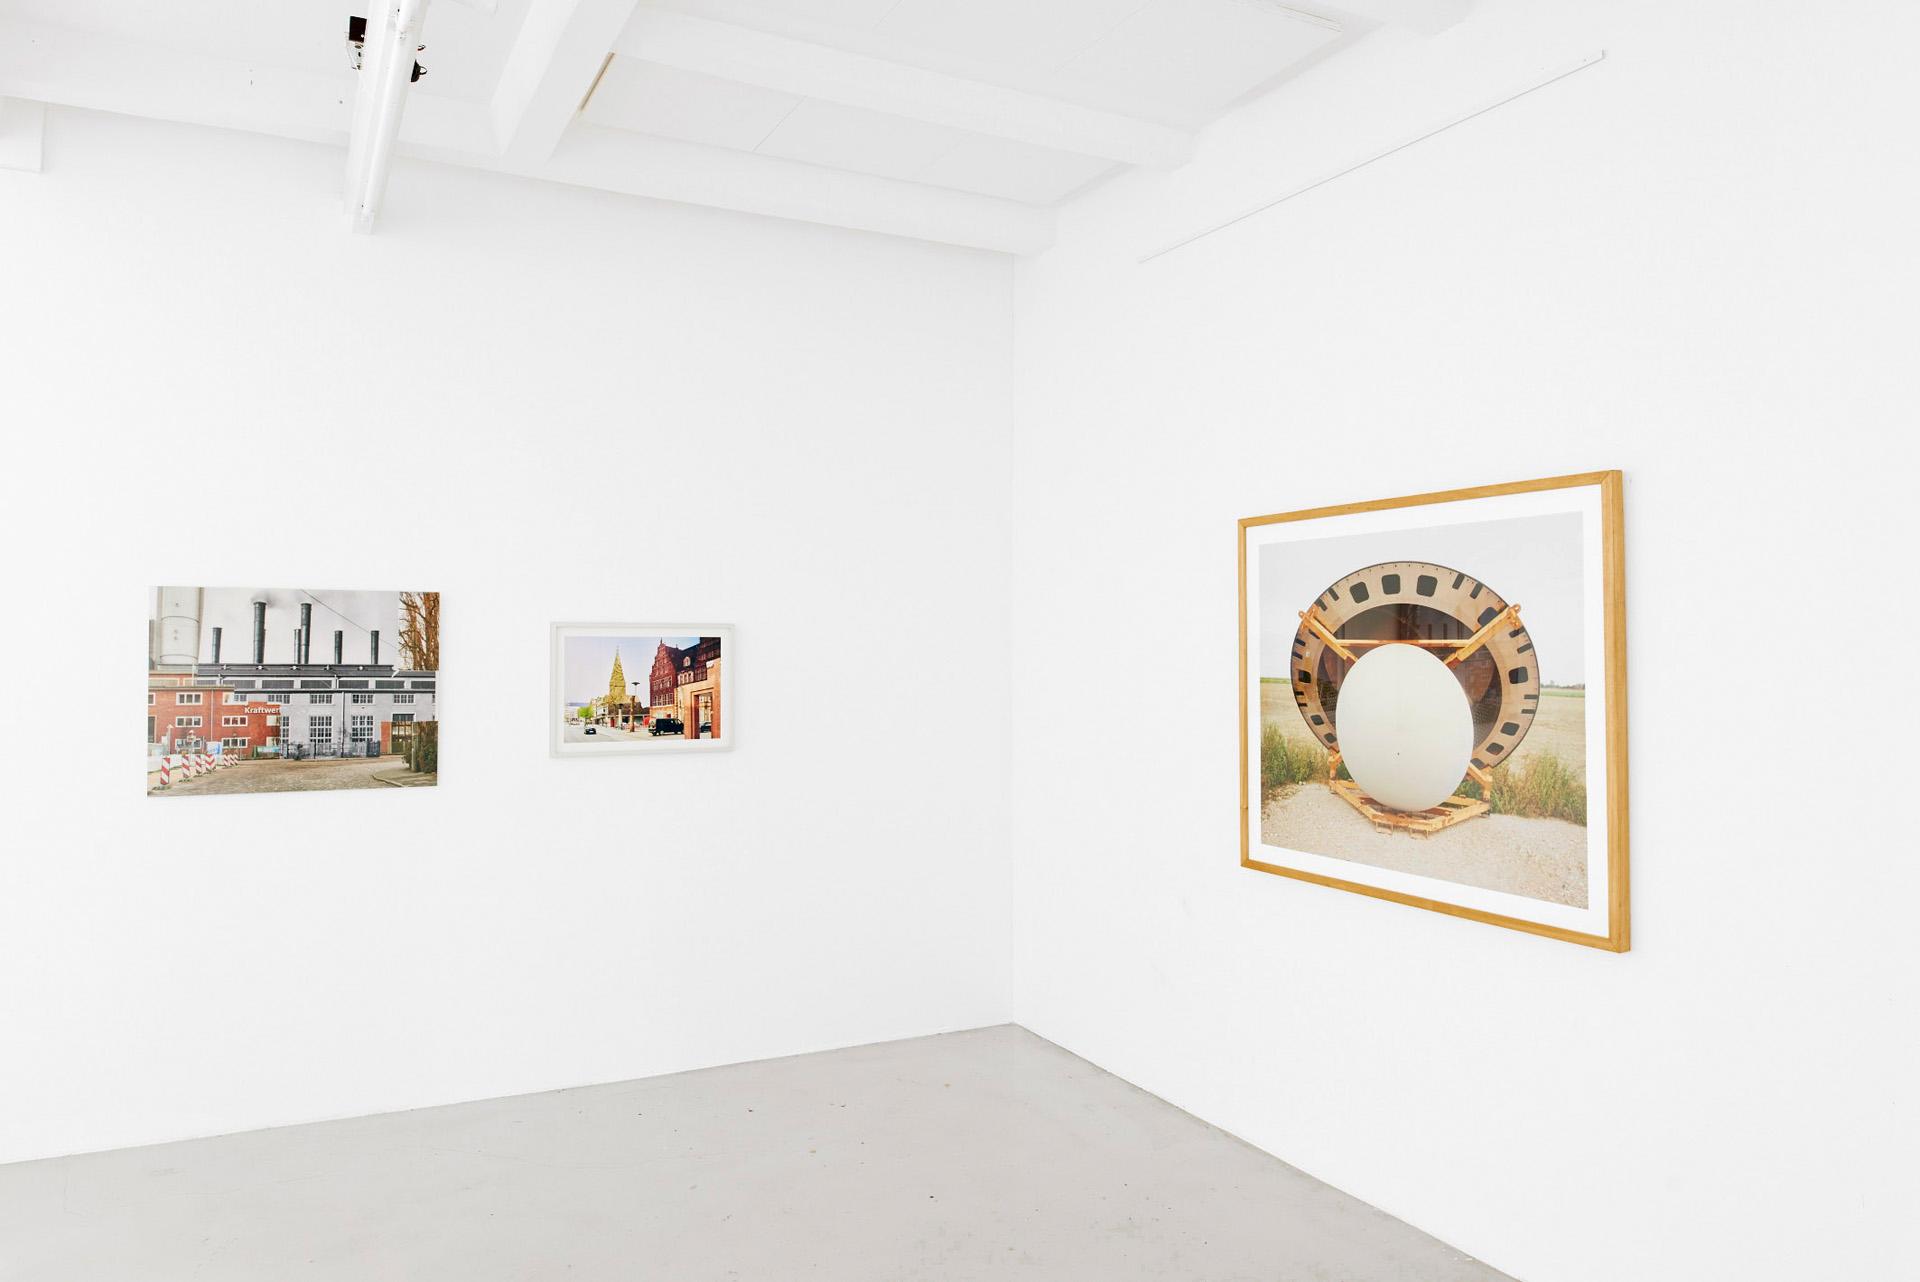 Ausstellungsansicht: Fotoarbeiten von Caspar Sessler in der Weserburg   Museum für moderne Kunst